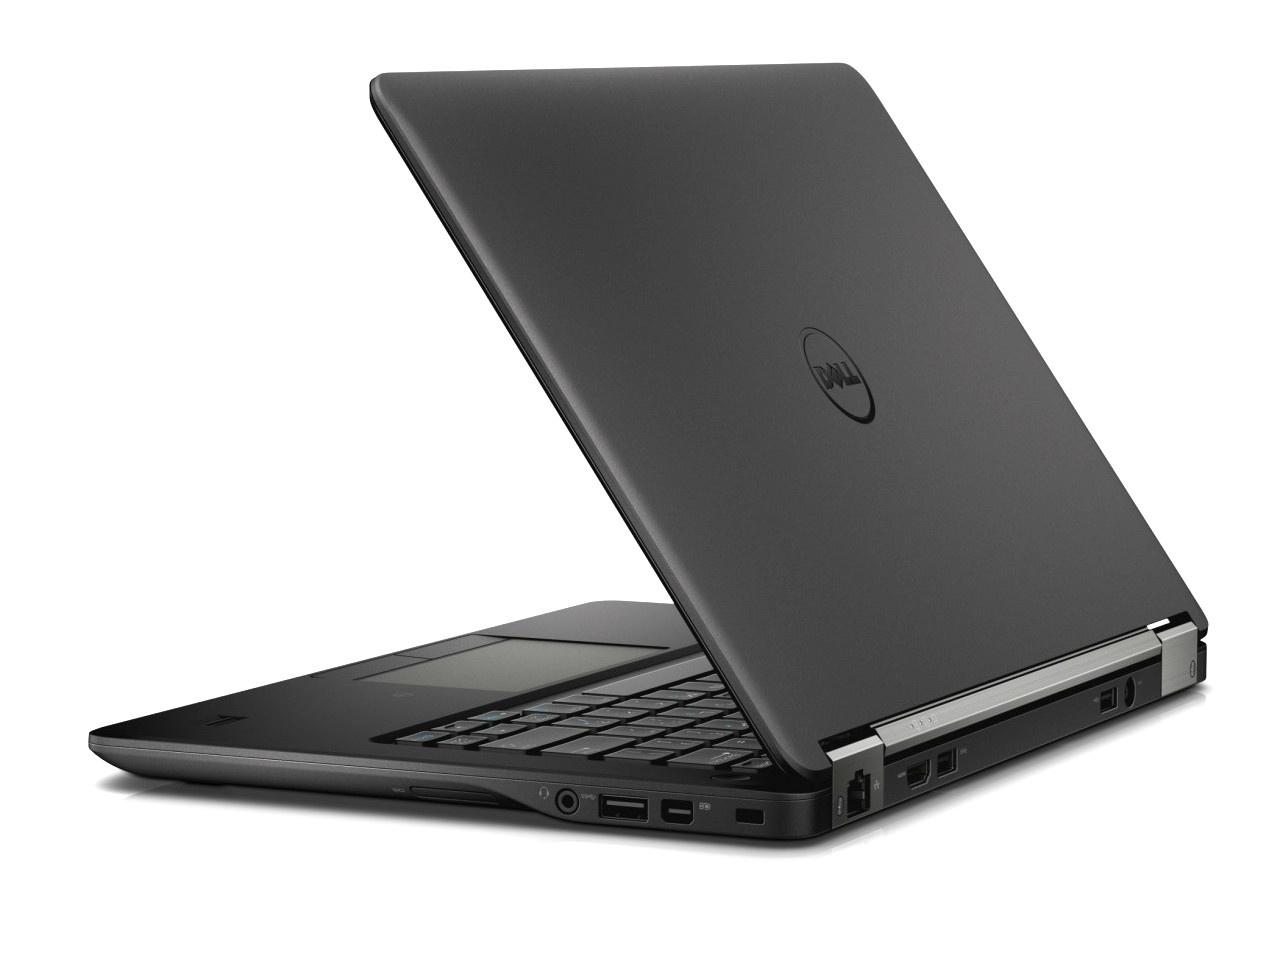 Dell Latitude E7450 Touch